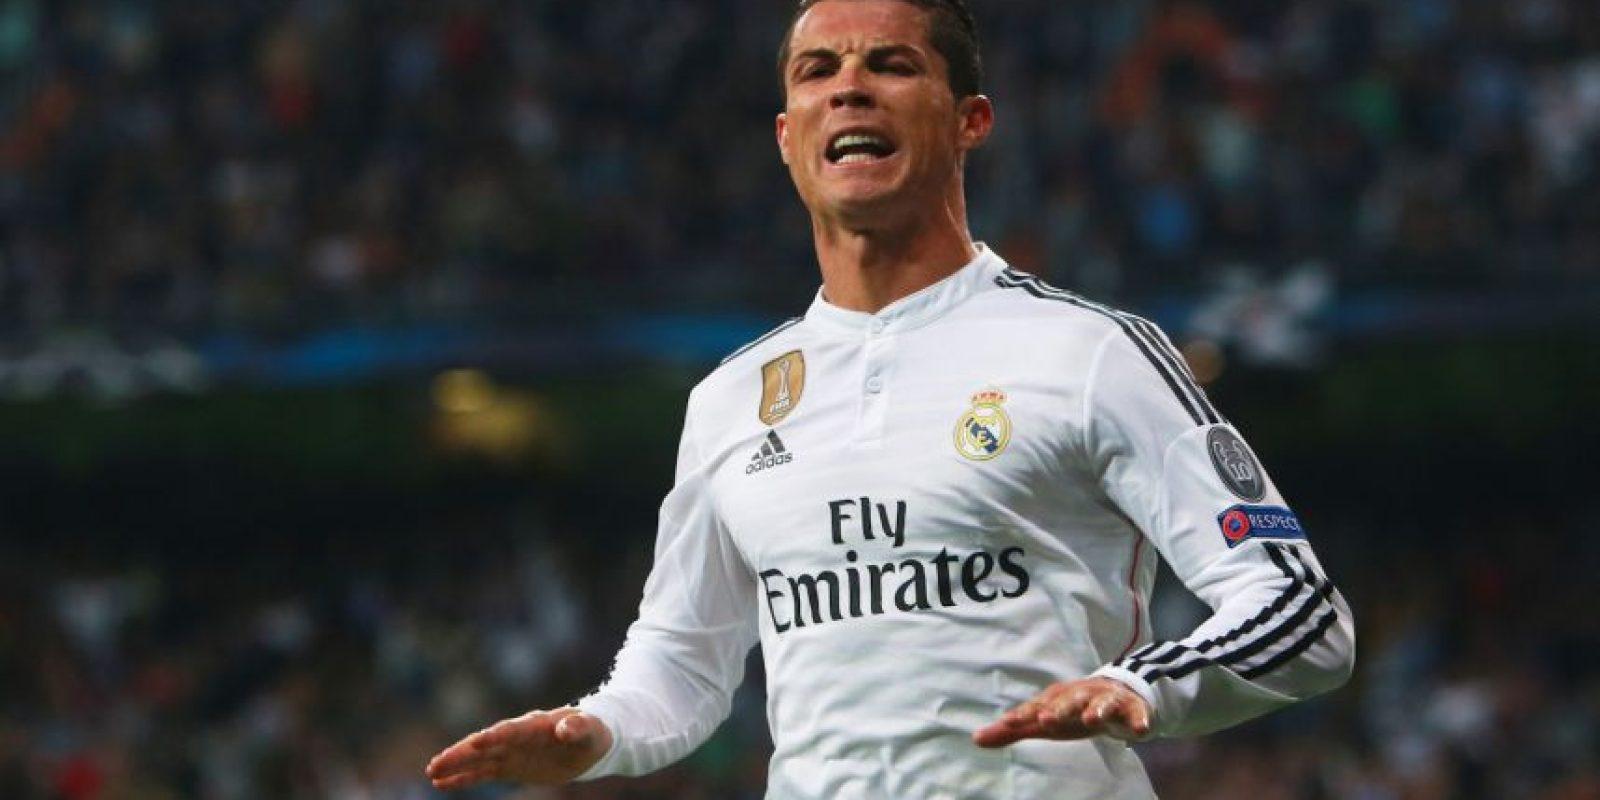 A lo largo de sus carrera ha disputado 625 partidos oficiales a nivel de clubes, en los cuales lleva marcados 436 goles. Foto:Getty Images